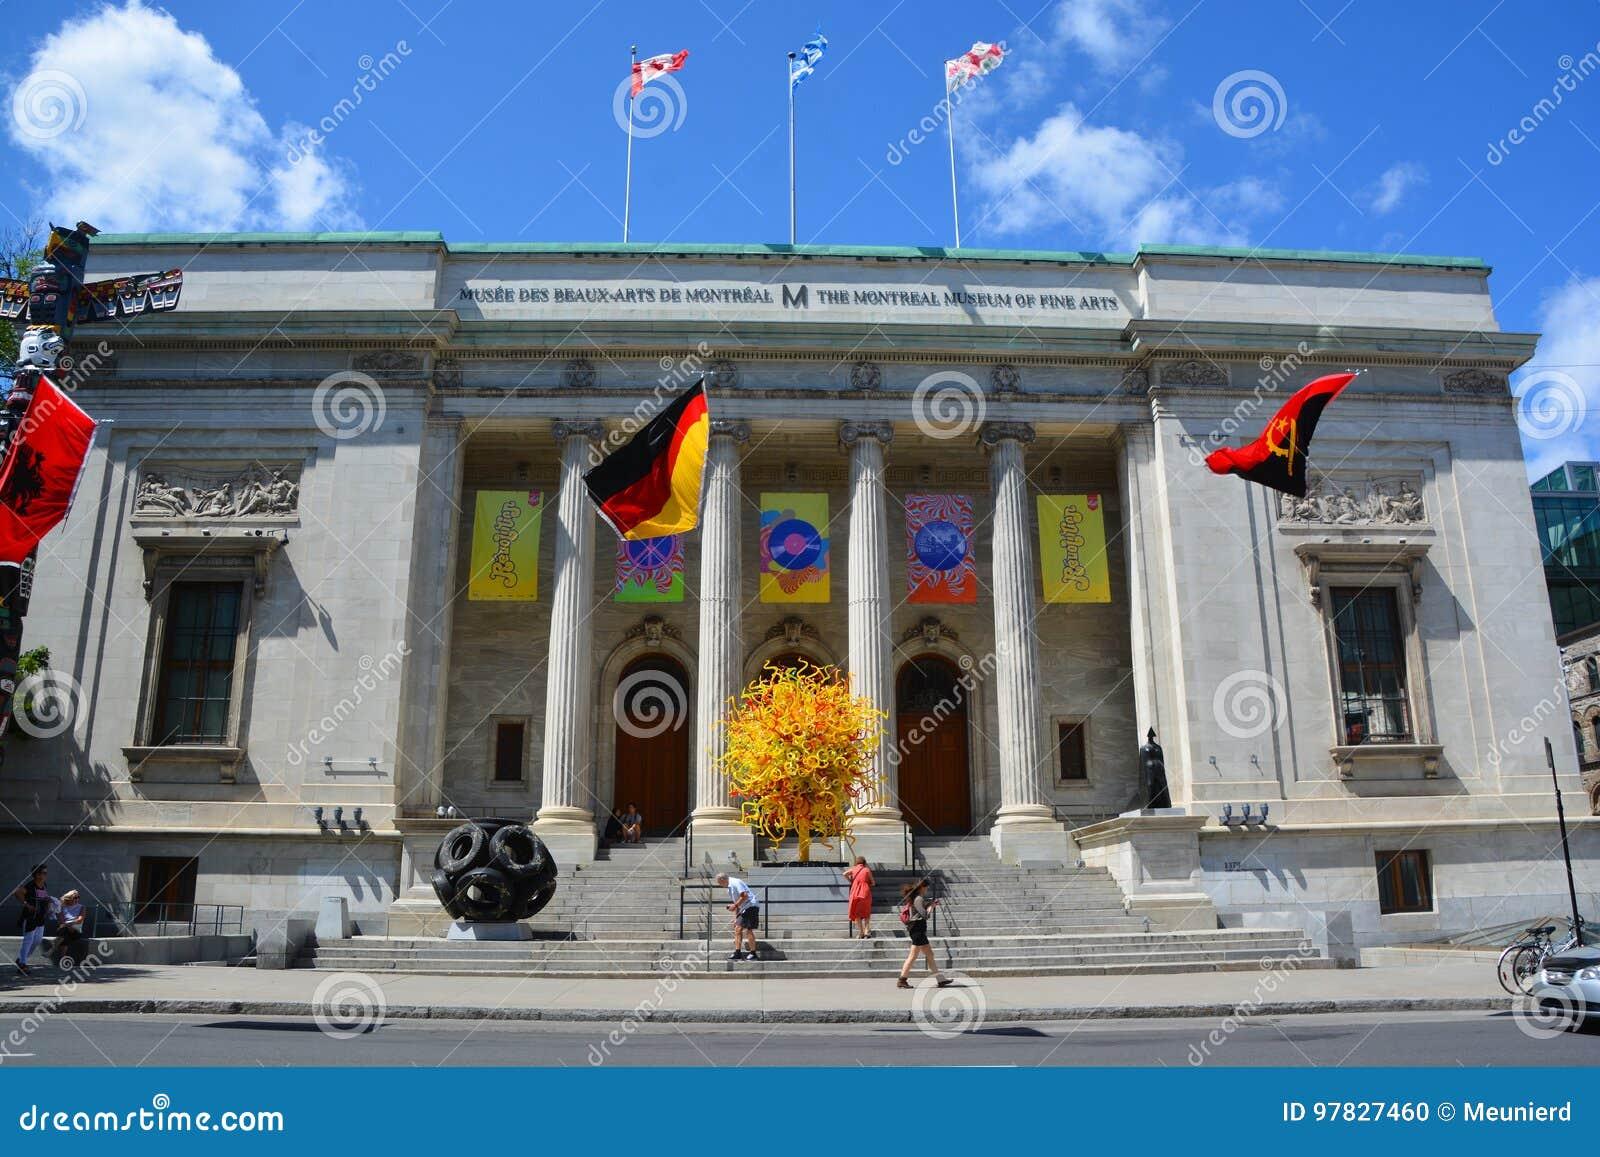 Le musée de Montréal des beaux-arts